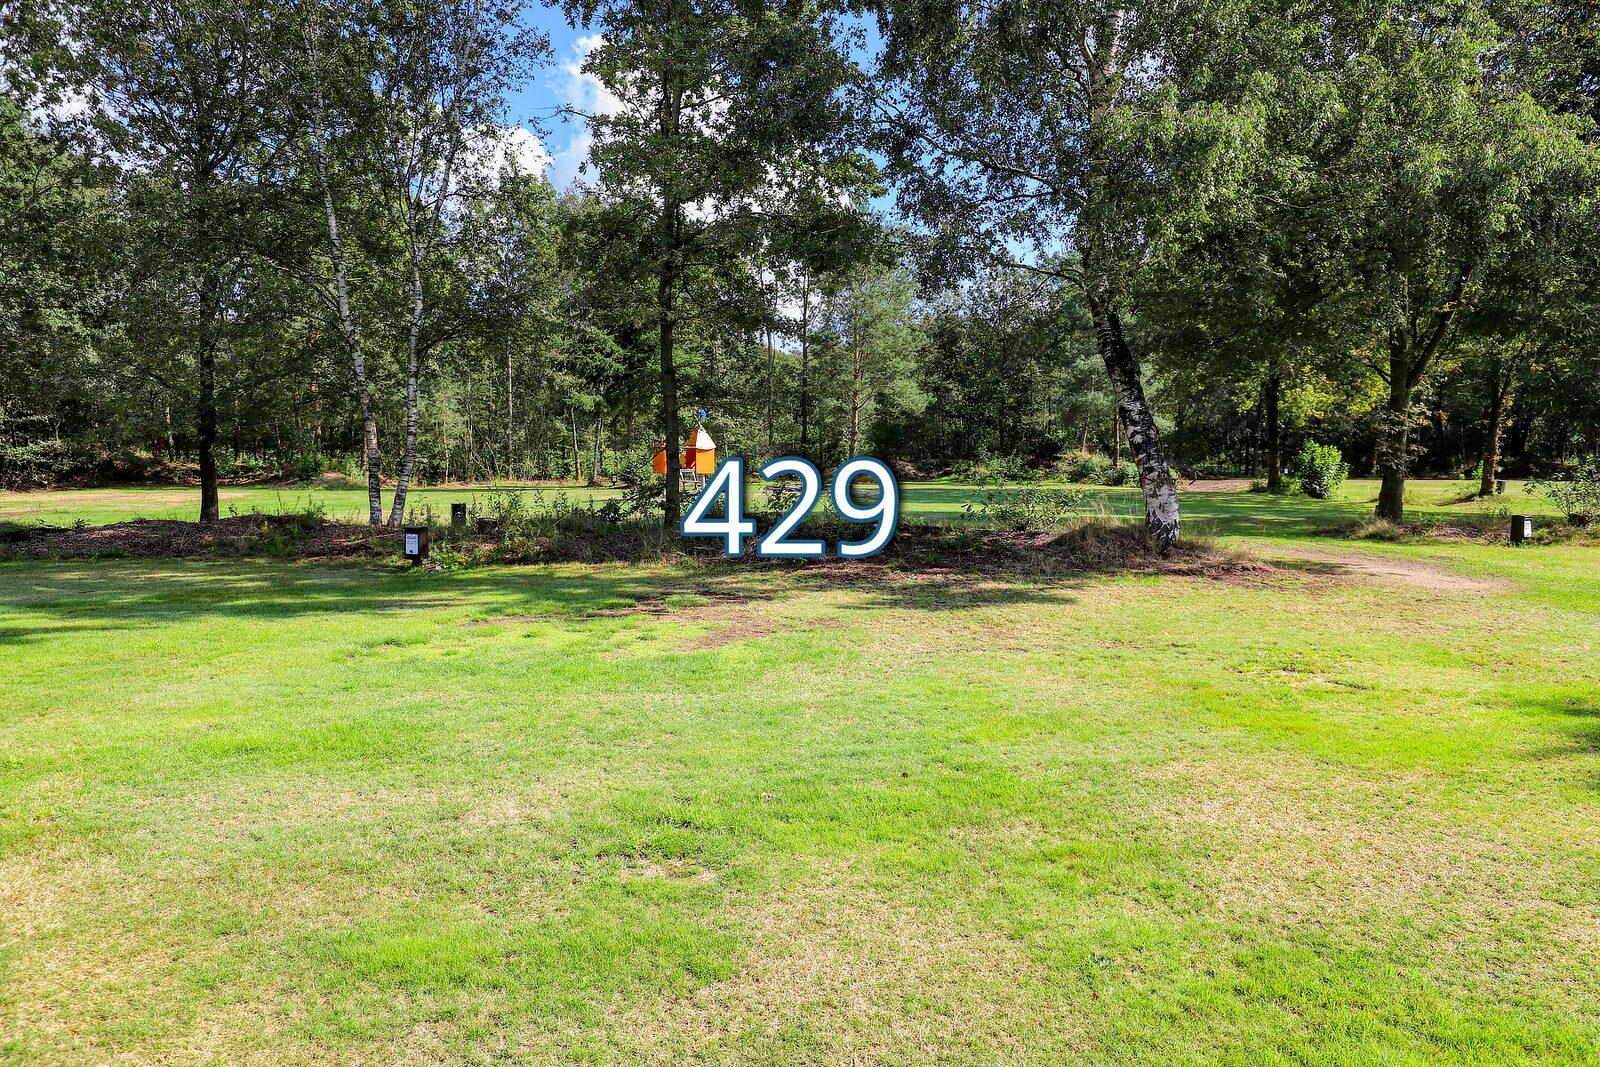 meemsveld 429